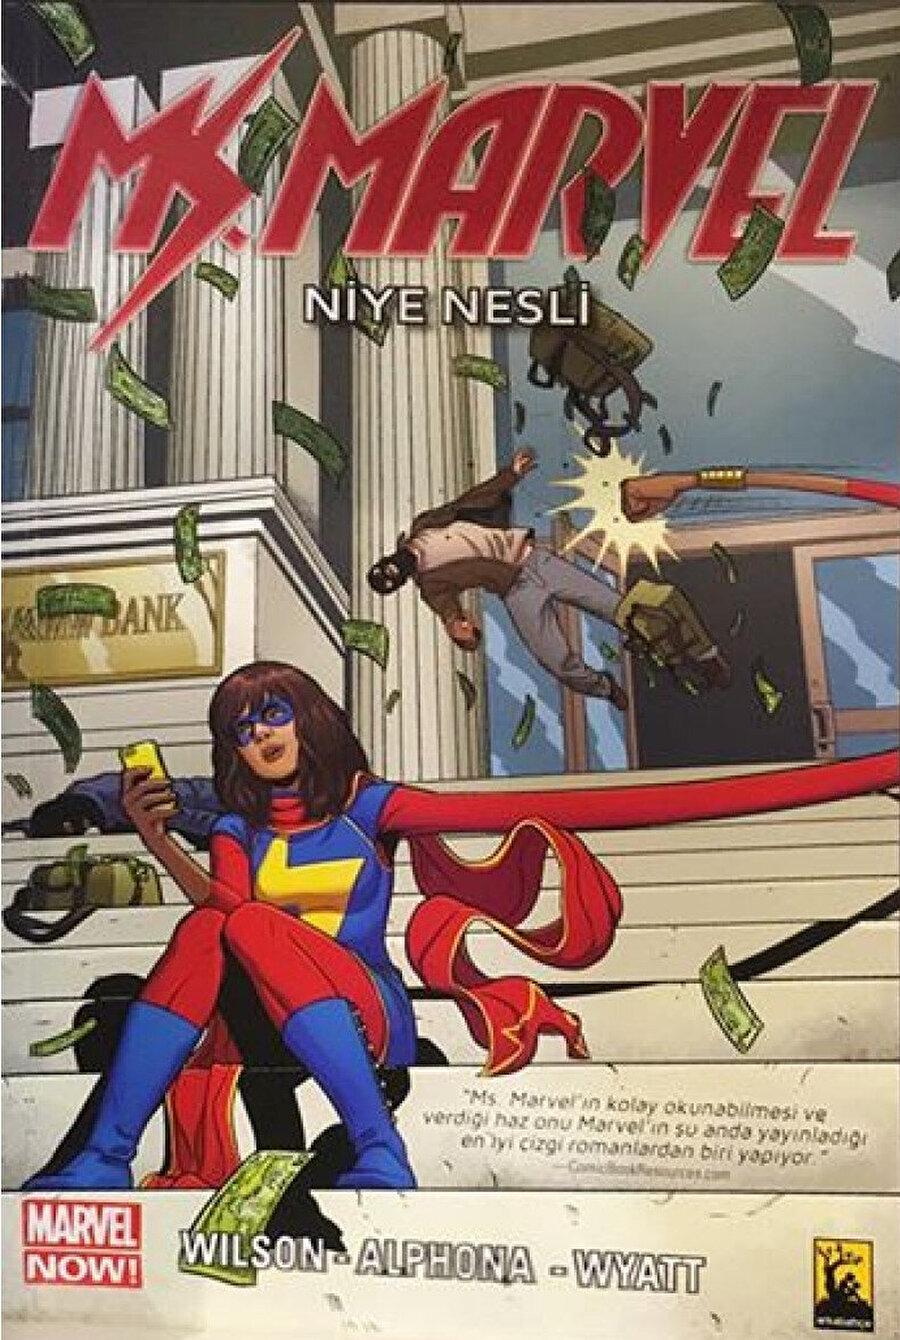 """Ms. Marvel olmaya adapte olan Kamala, aslında kendisinin bir """"inhuman"""" olduğunu, uzaylılar tarafından kaçırılan bir insanın mutasyona uğramış genlerini taşıdığını öğreniyor."""